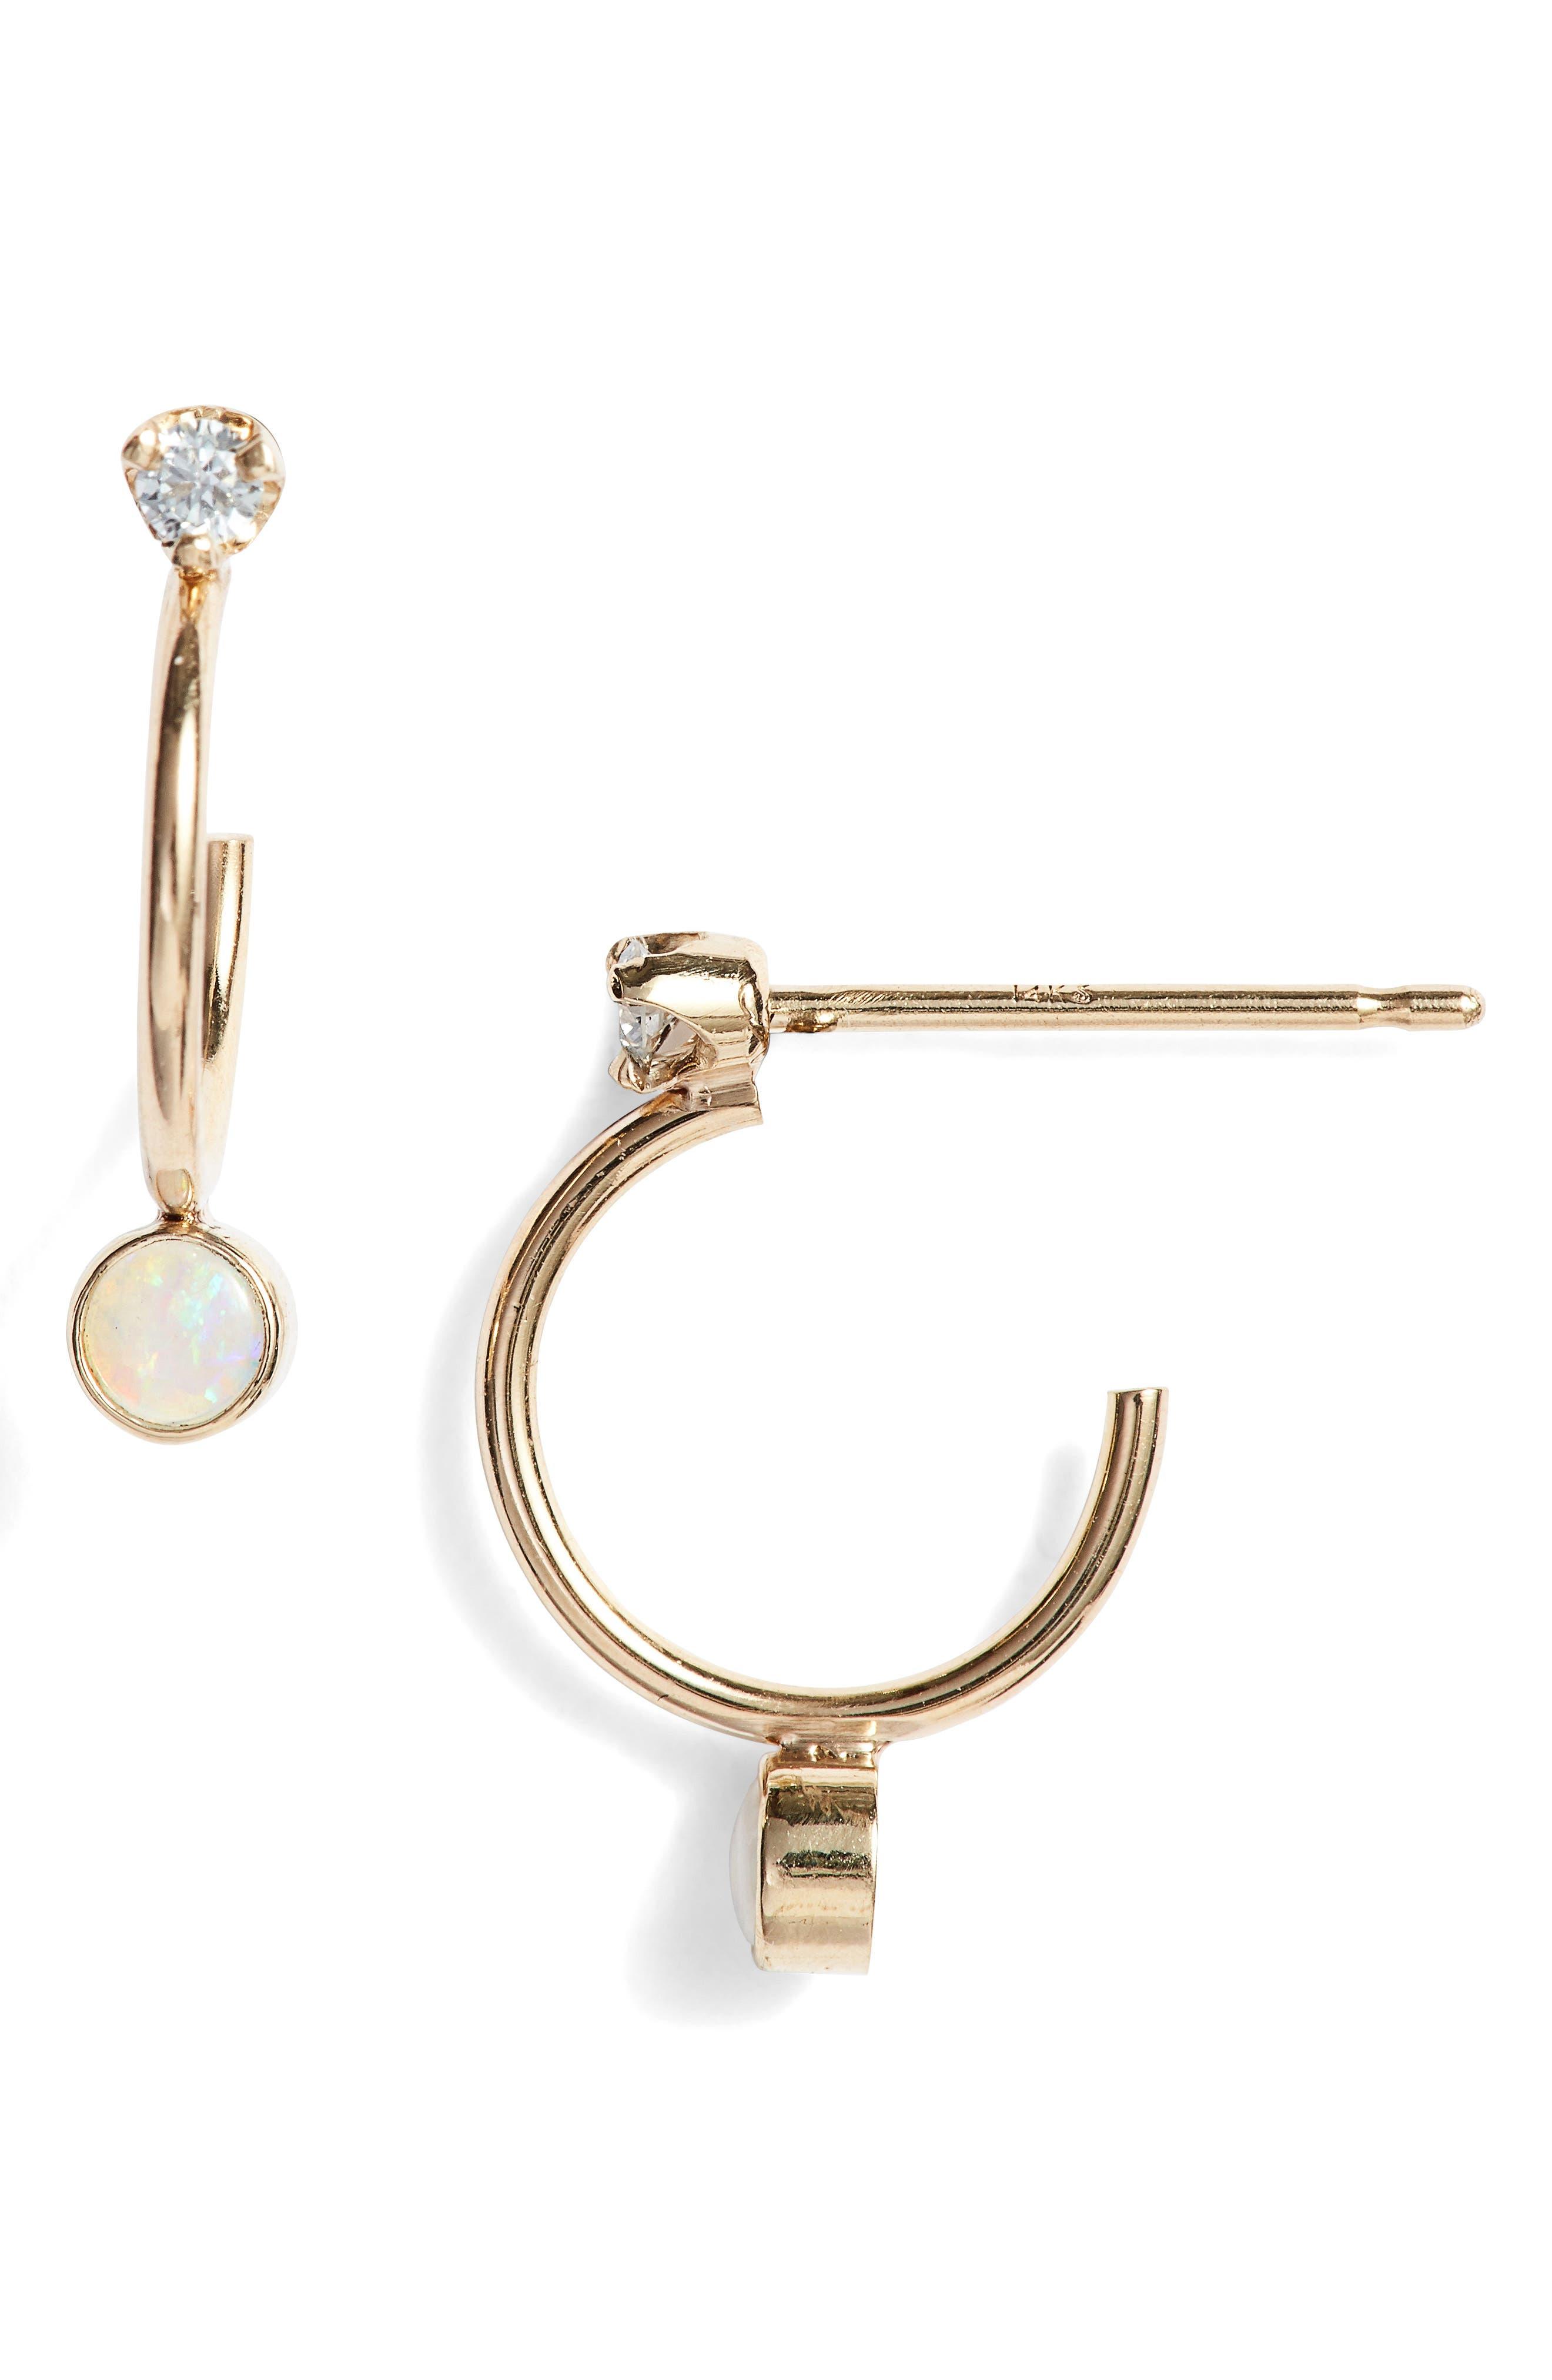 Zoe Chicco Diamond And Opal Huggies